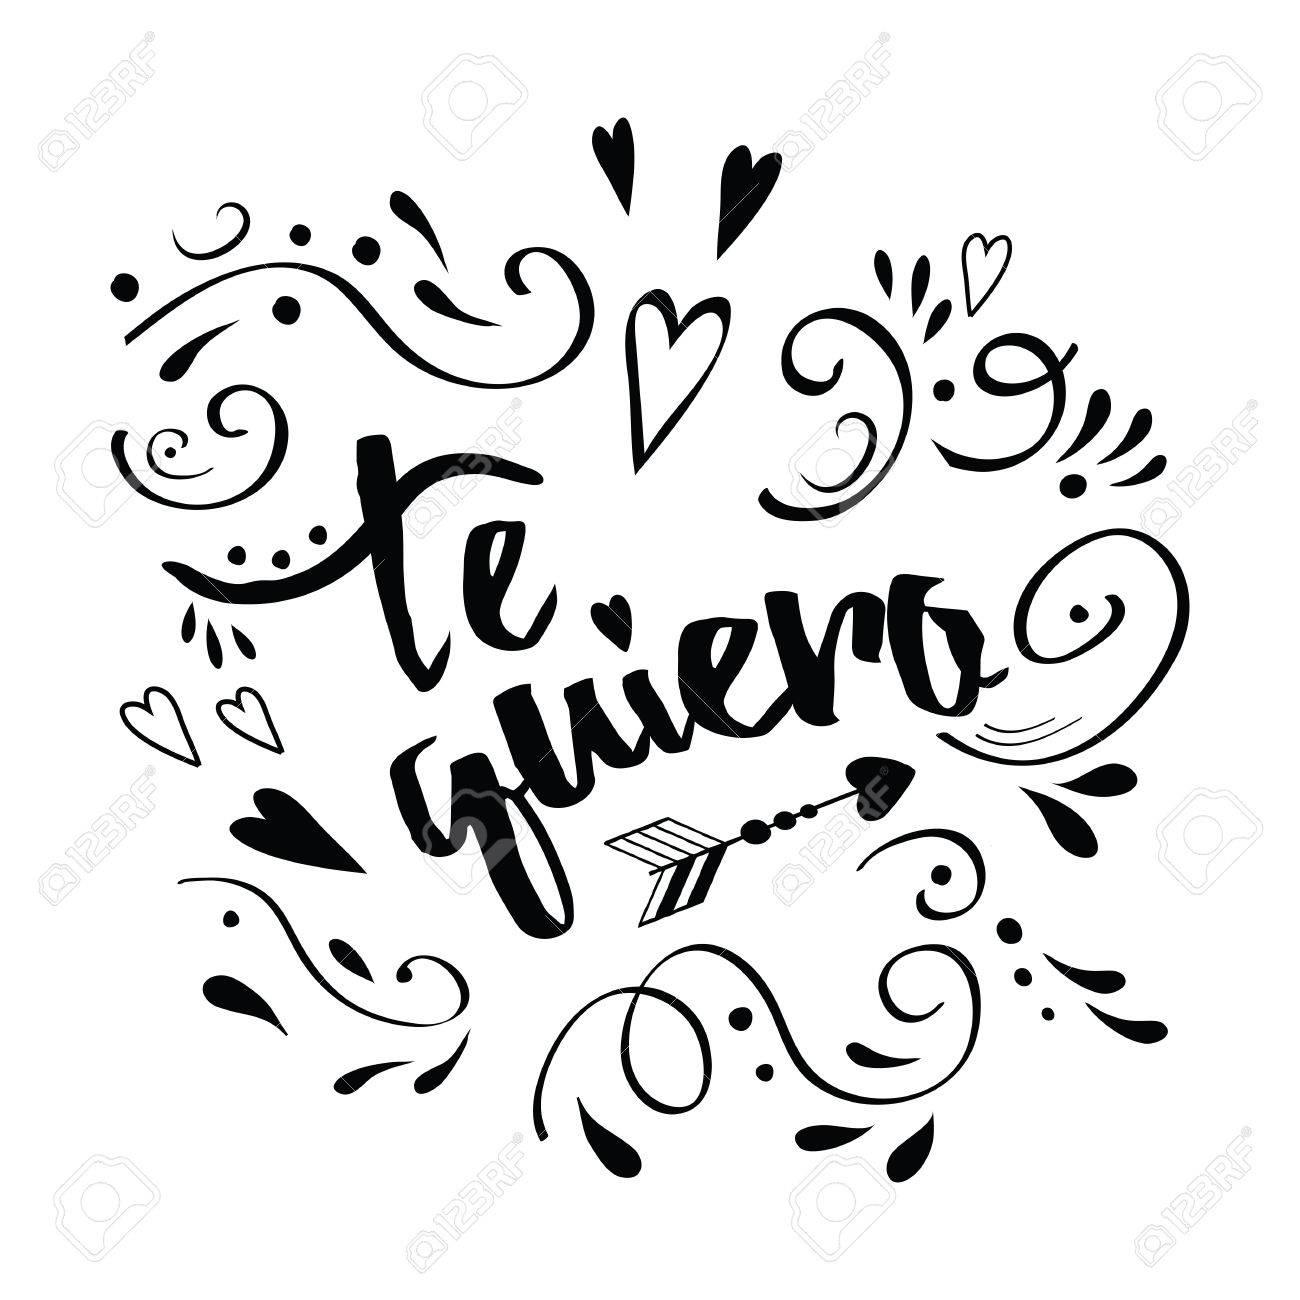 vector manuscrito caligrafía romántica diagonal banner in spanish te